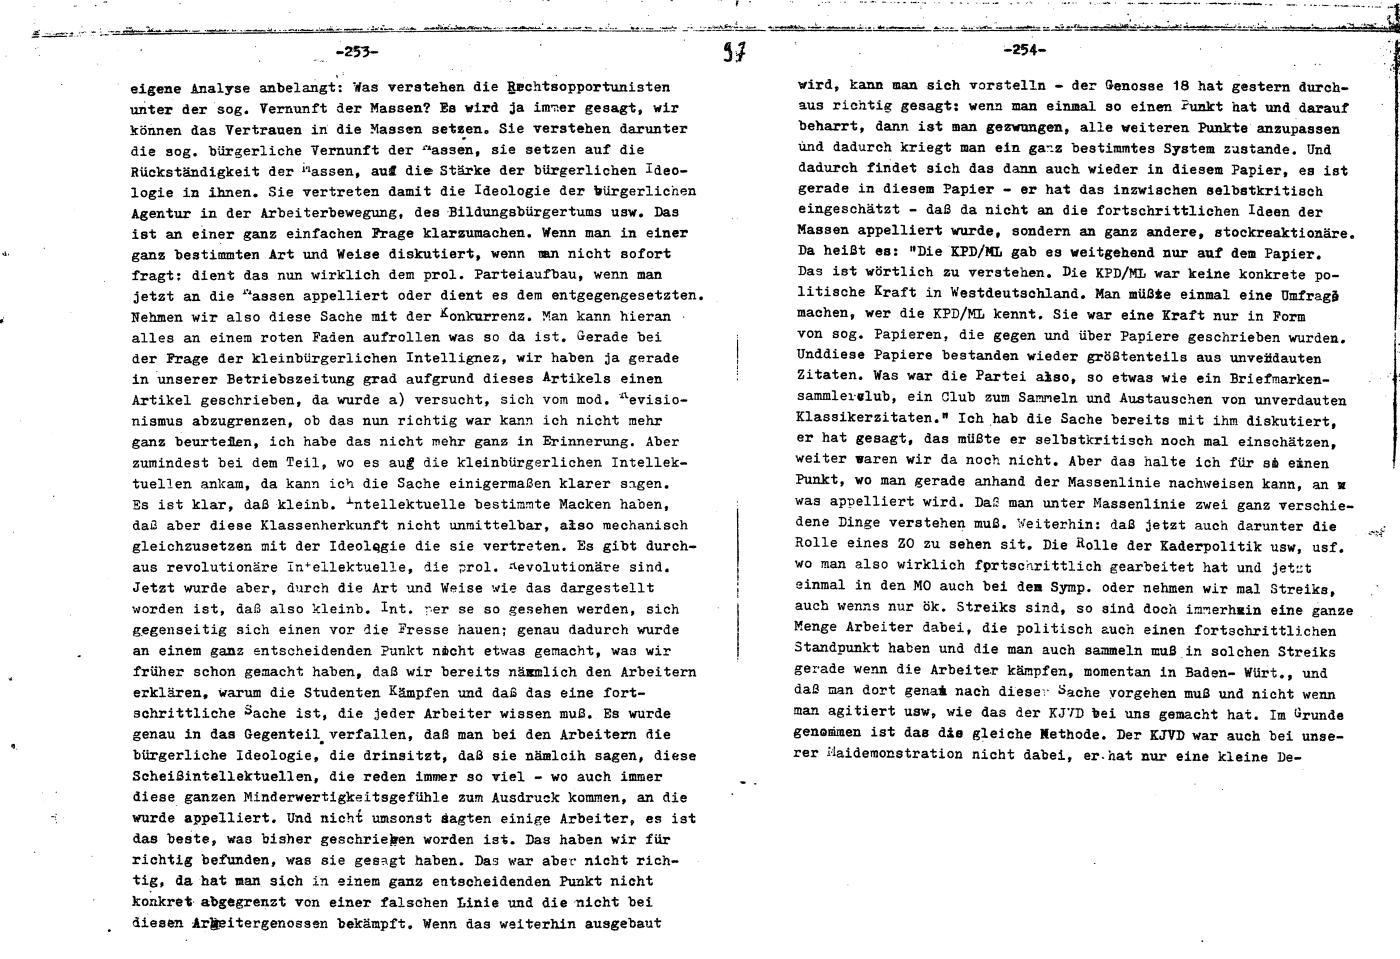 KPDML_1971_Wortprotokolle_aoPt_057